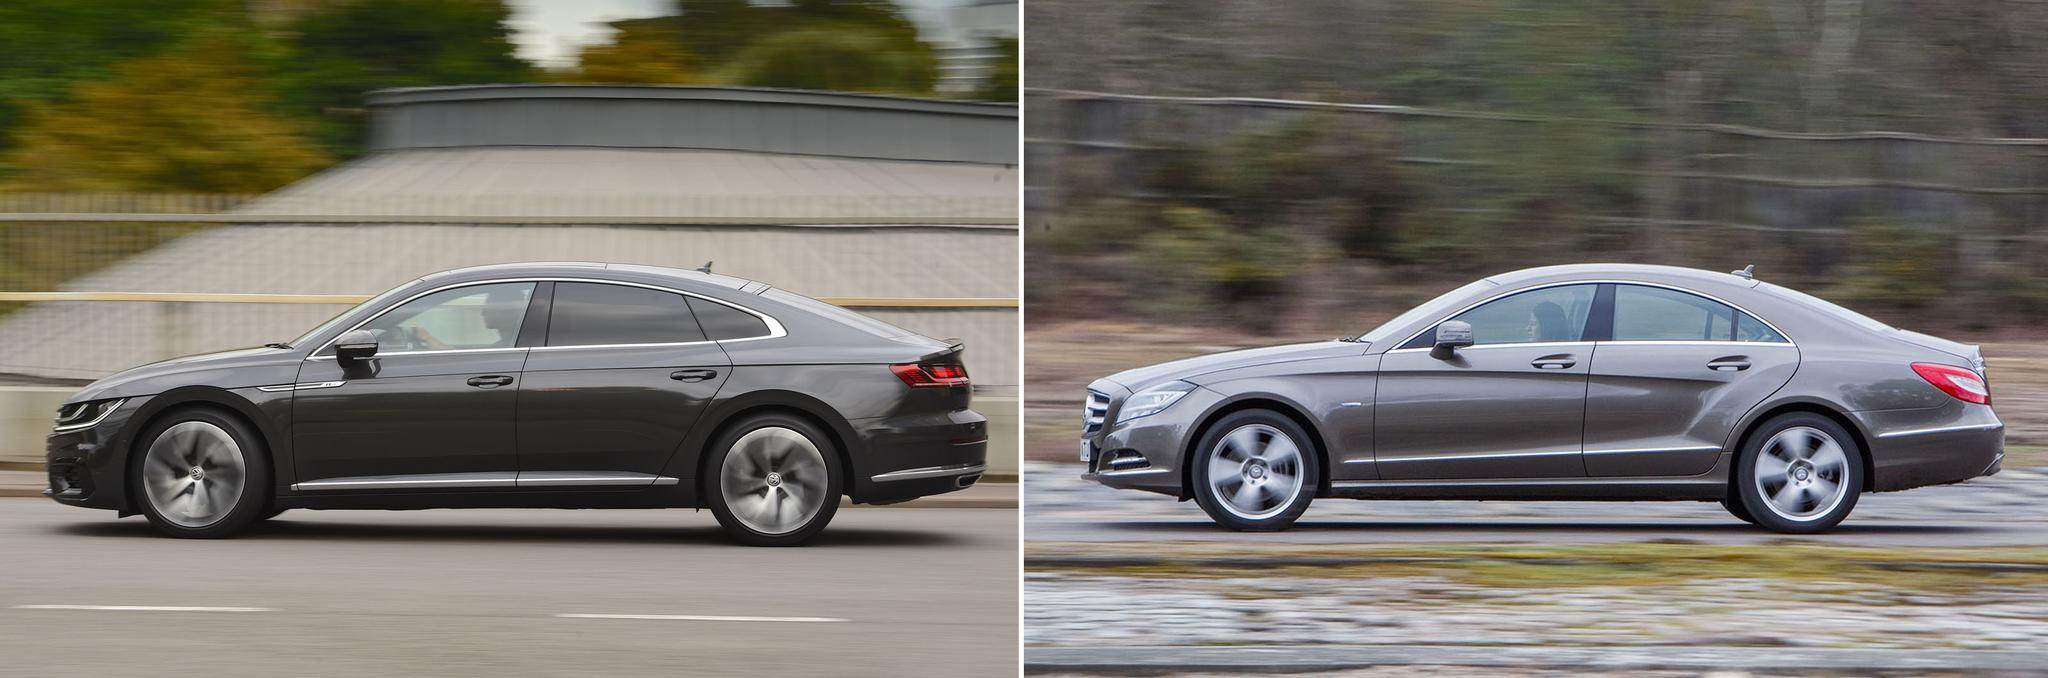 New Volkswagen Arteon vs used Mercedes-Benz CLS: which is best?